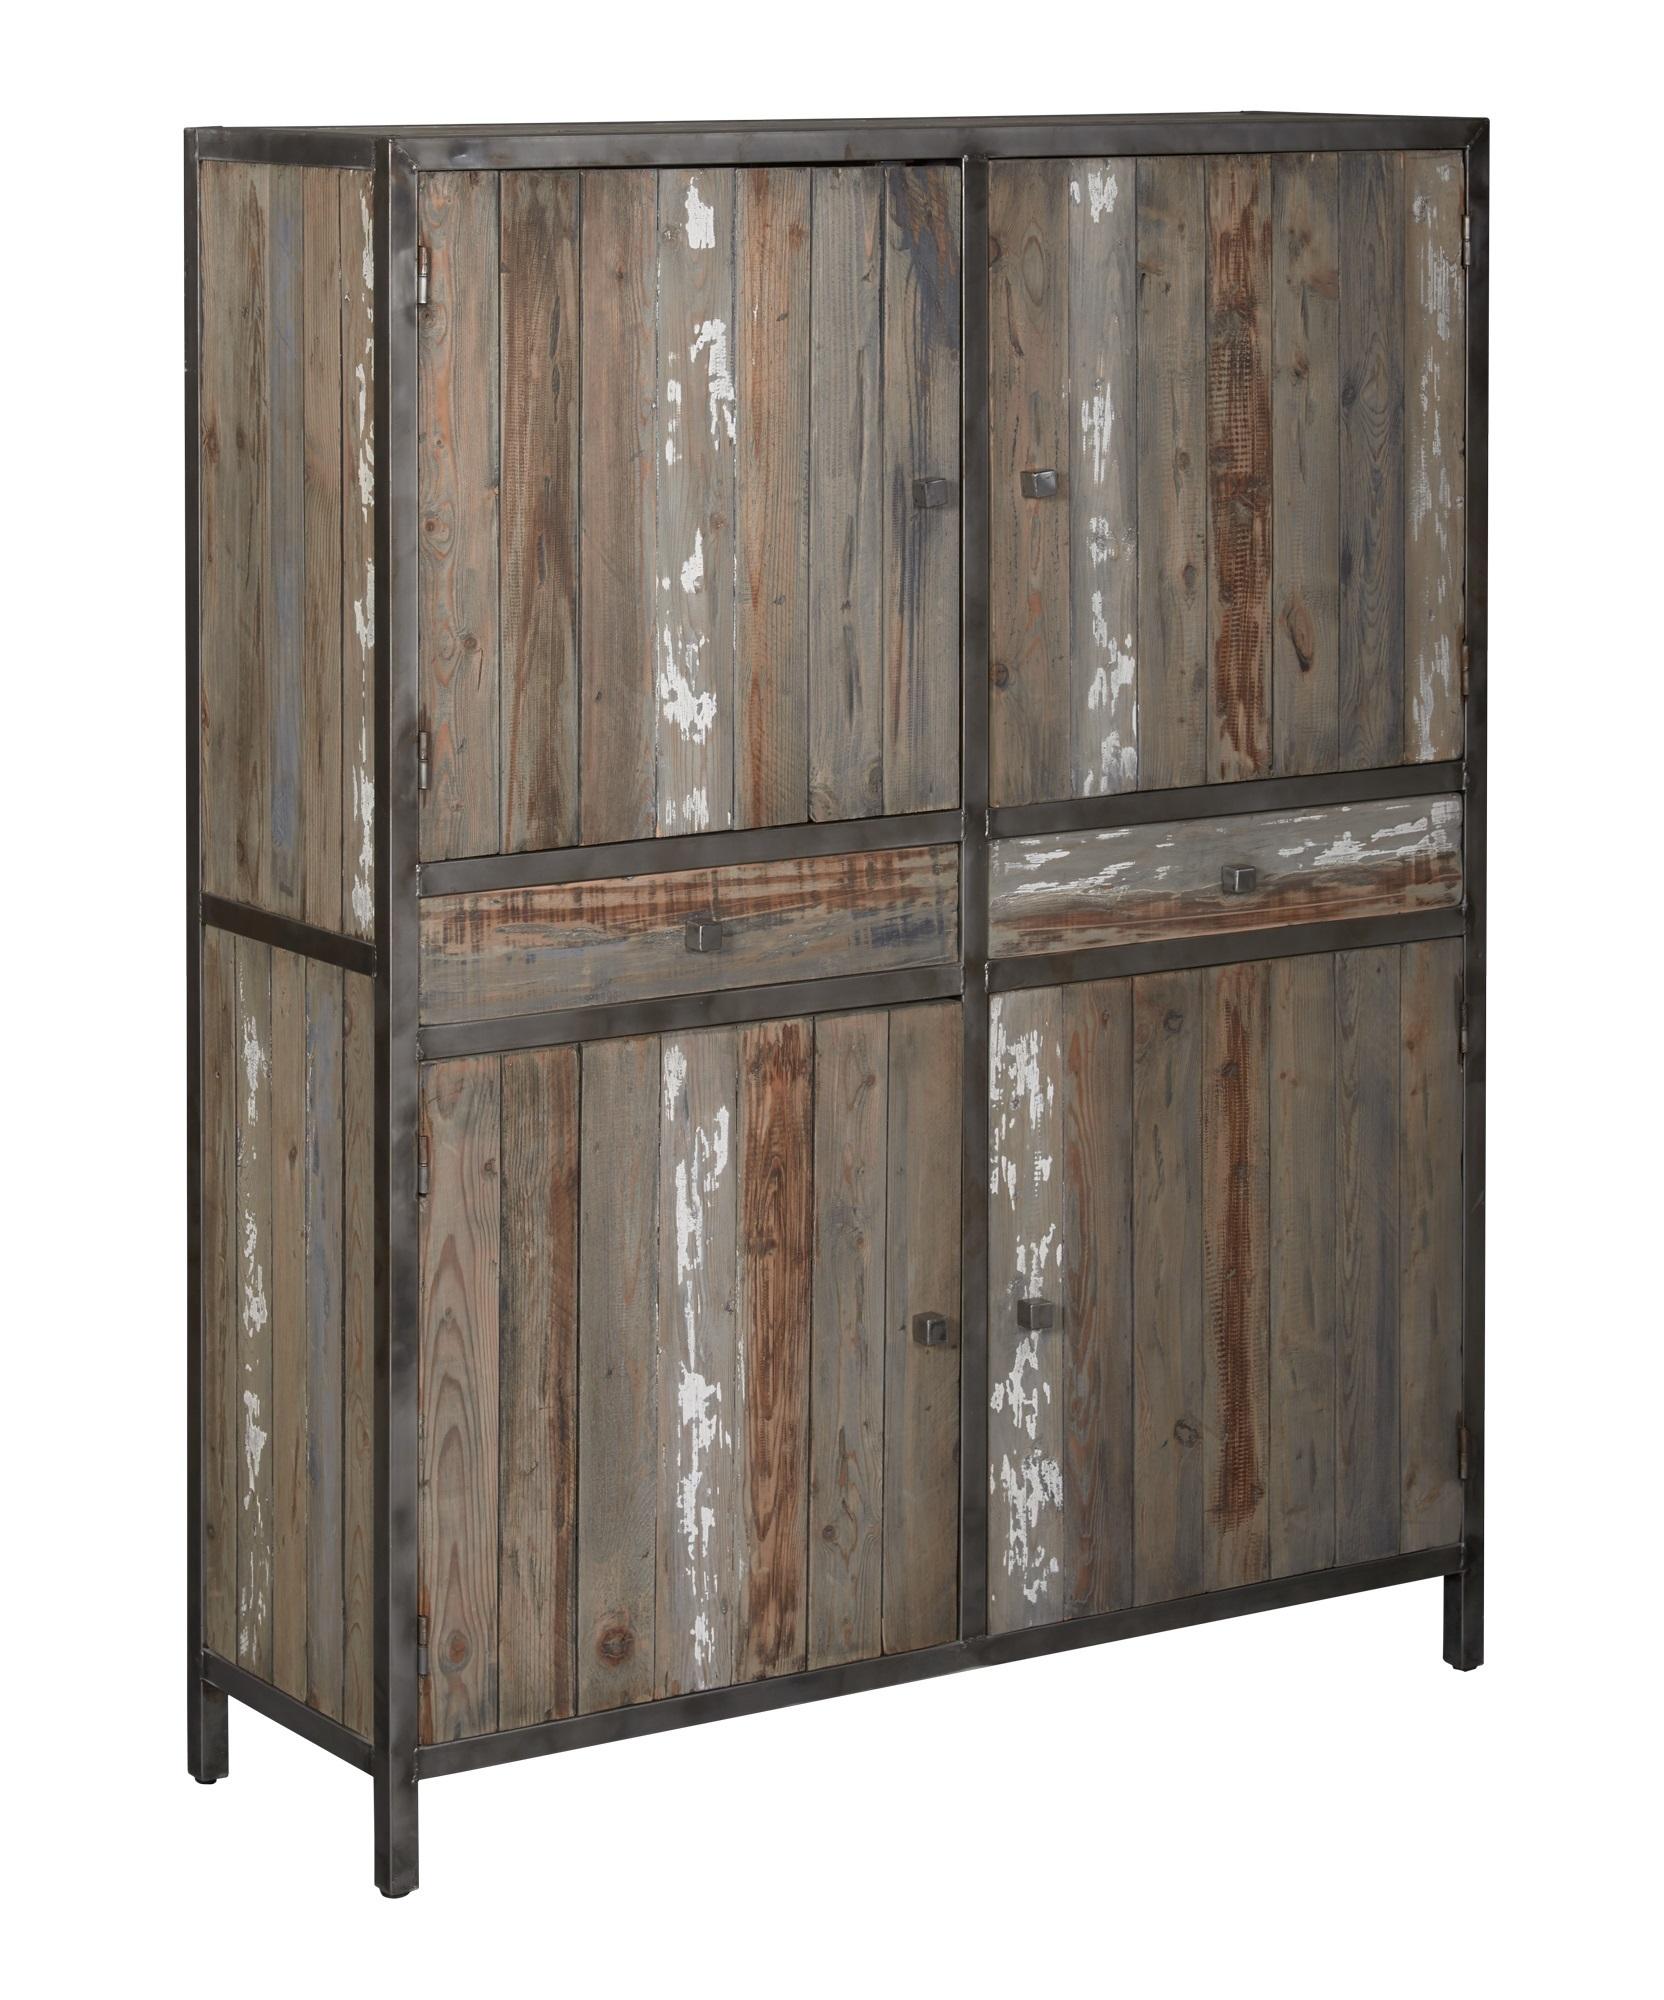 kasten-wouter-opbergkast-towerliving-KL 0146-130cm-oud grenen-grijs-vintage-metaal-industrieel